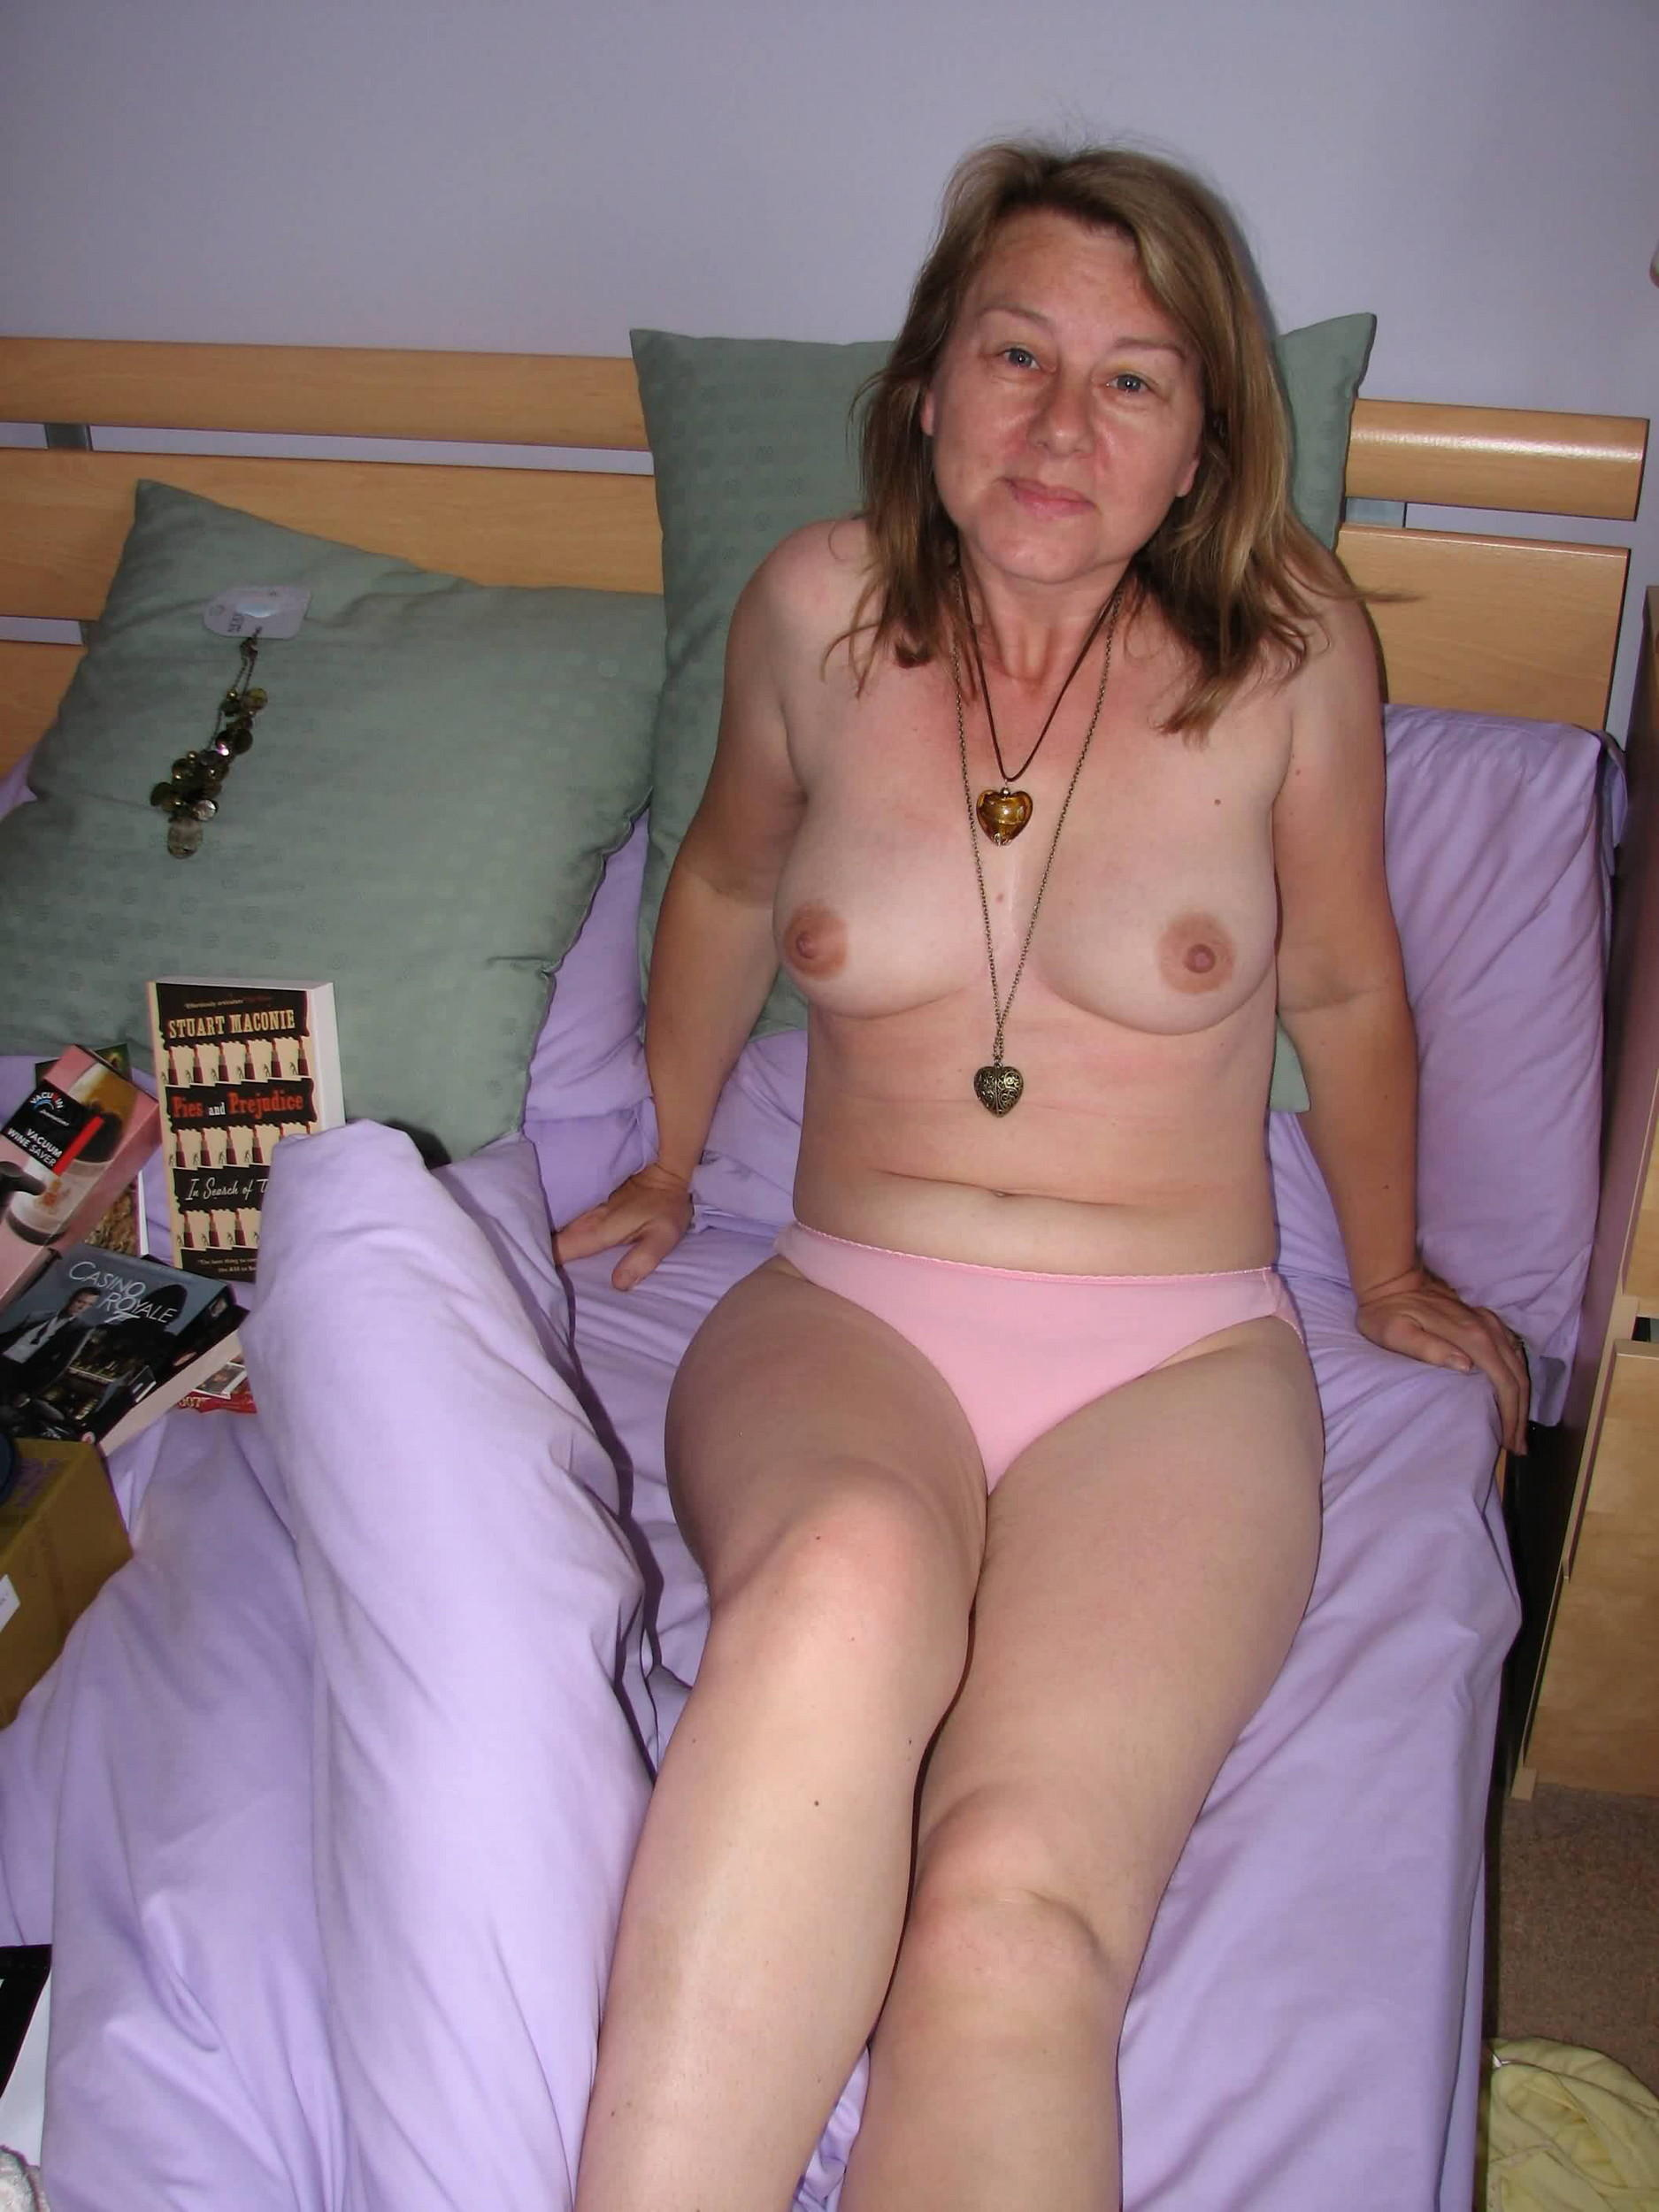 nude porn big boobs kiss